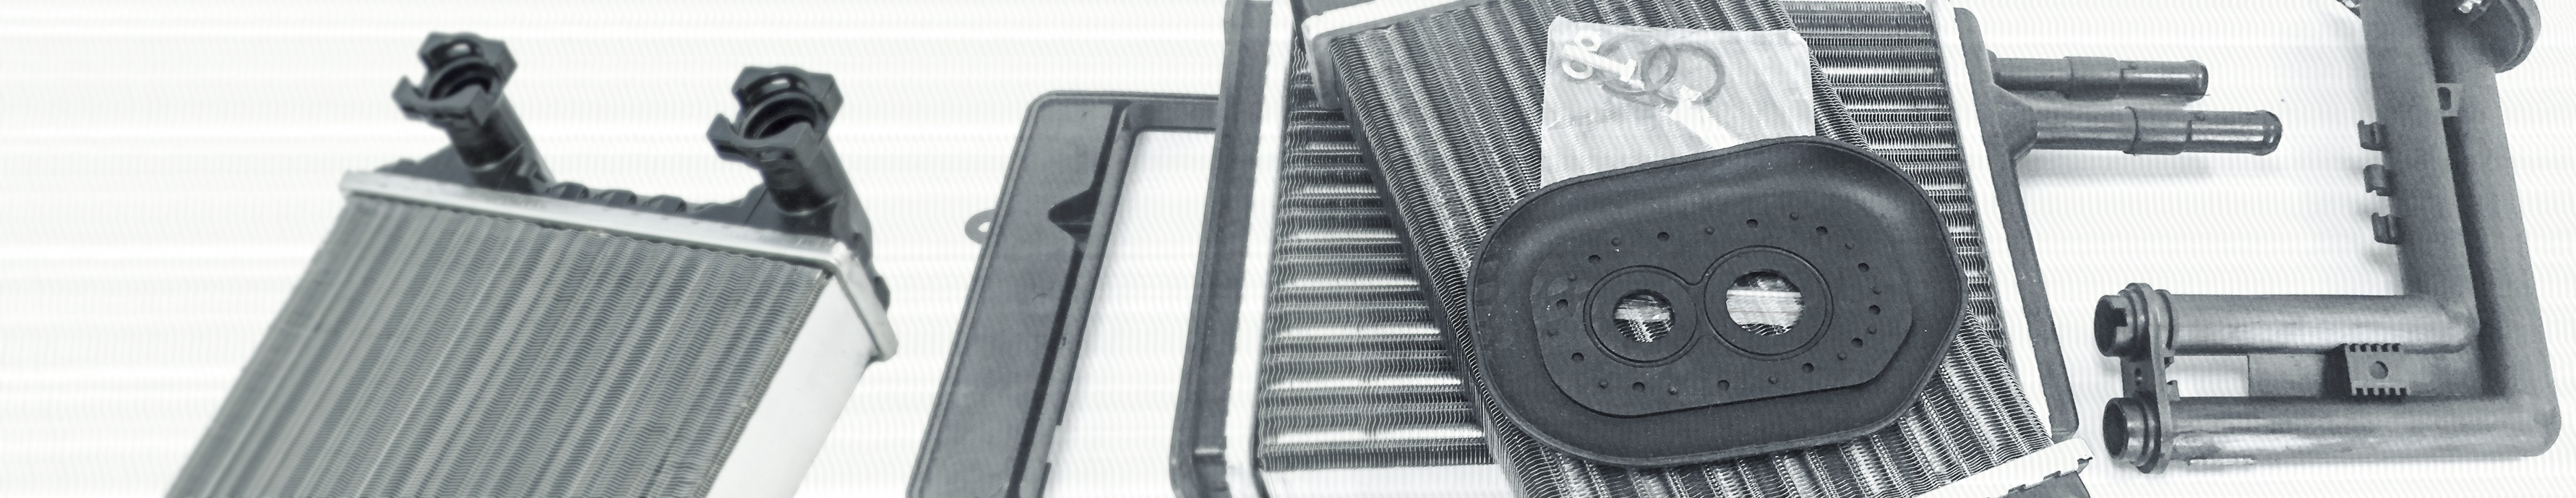 купить радиатор печки / отопителя в Калининграде